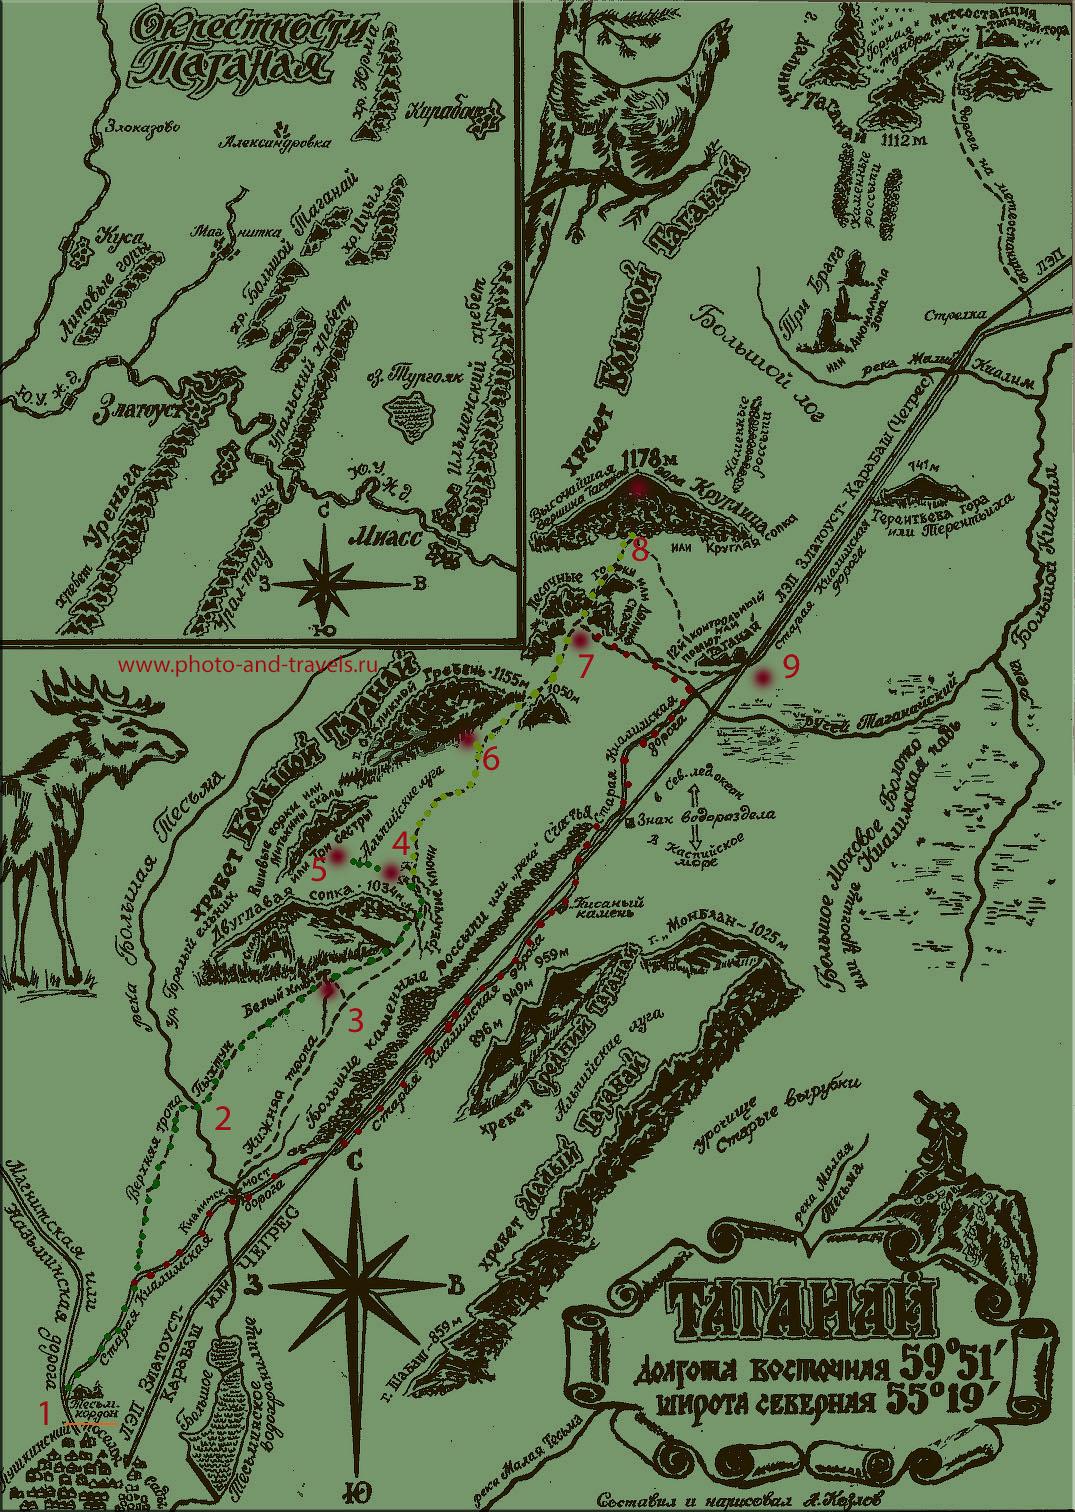 4. Карта тропинок в национальном парке Таганай. Схема маршрута для похода на 2 дня в горах Южного Урала